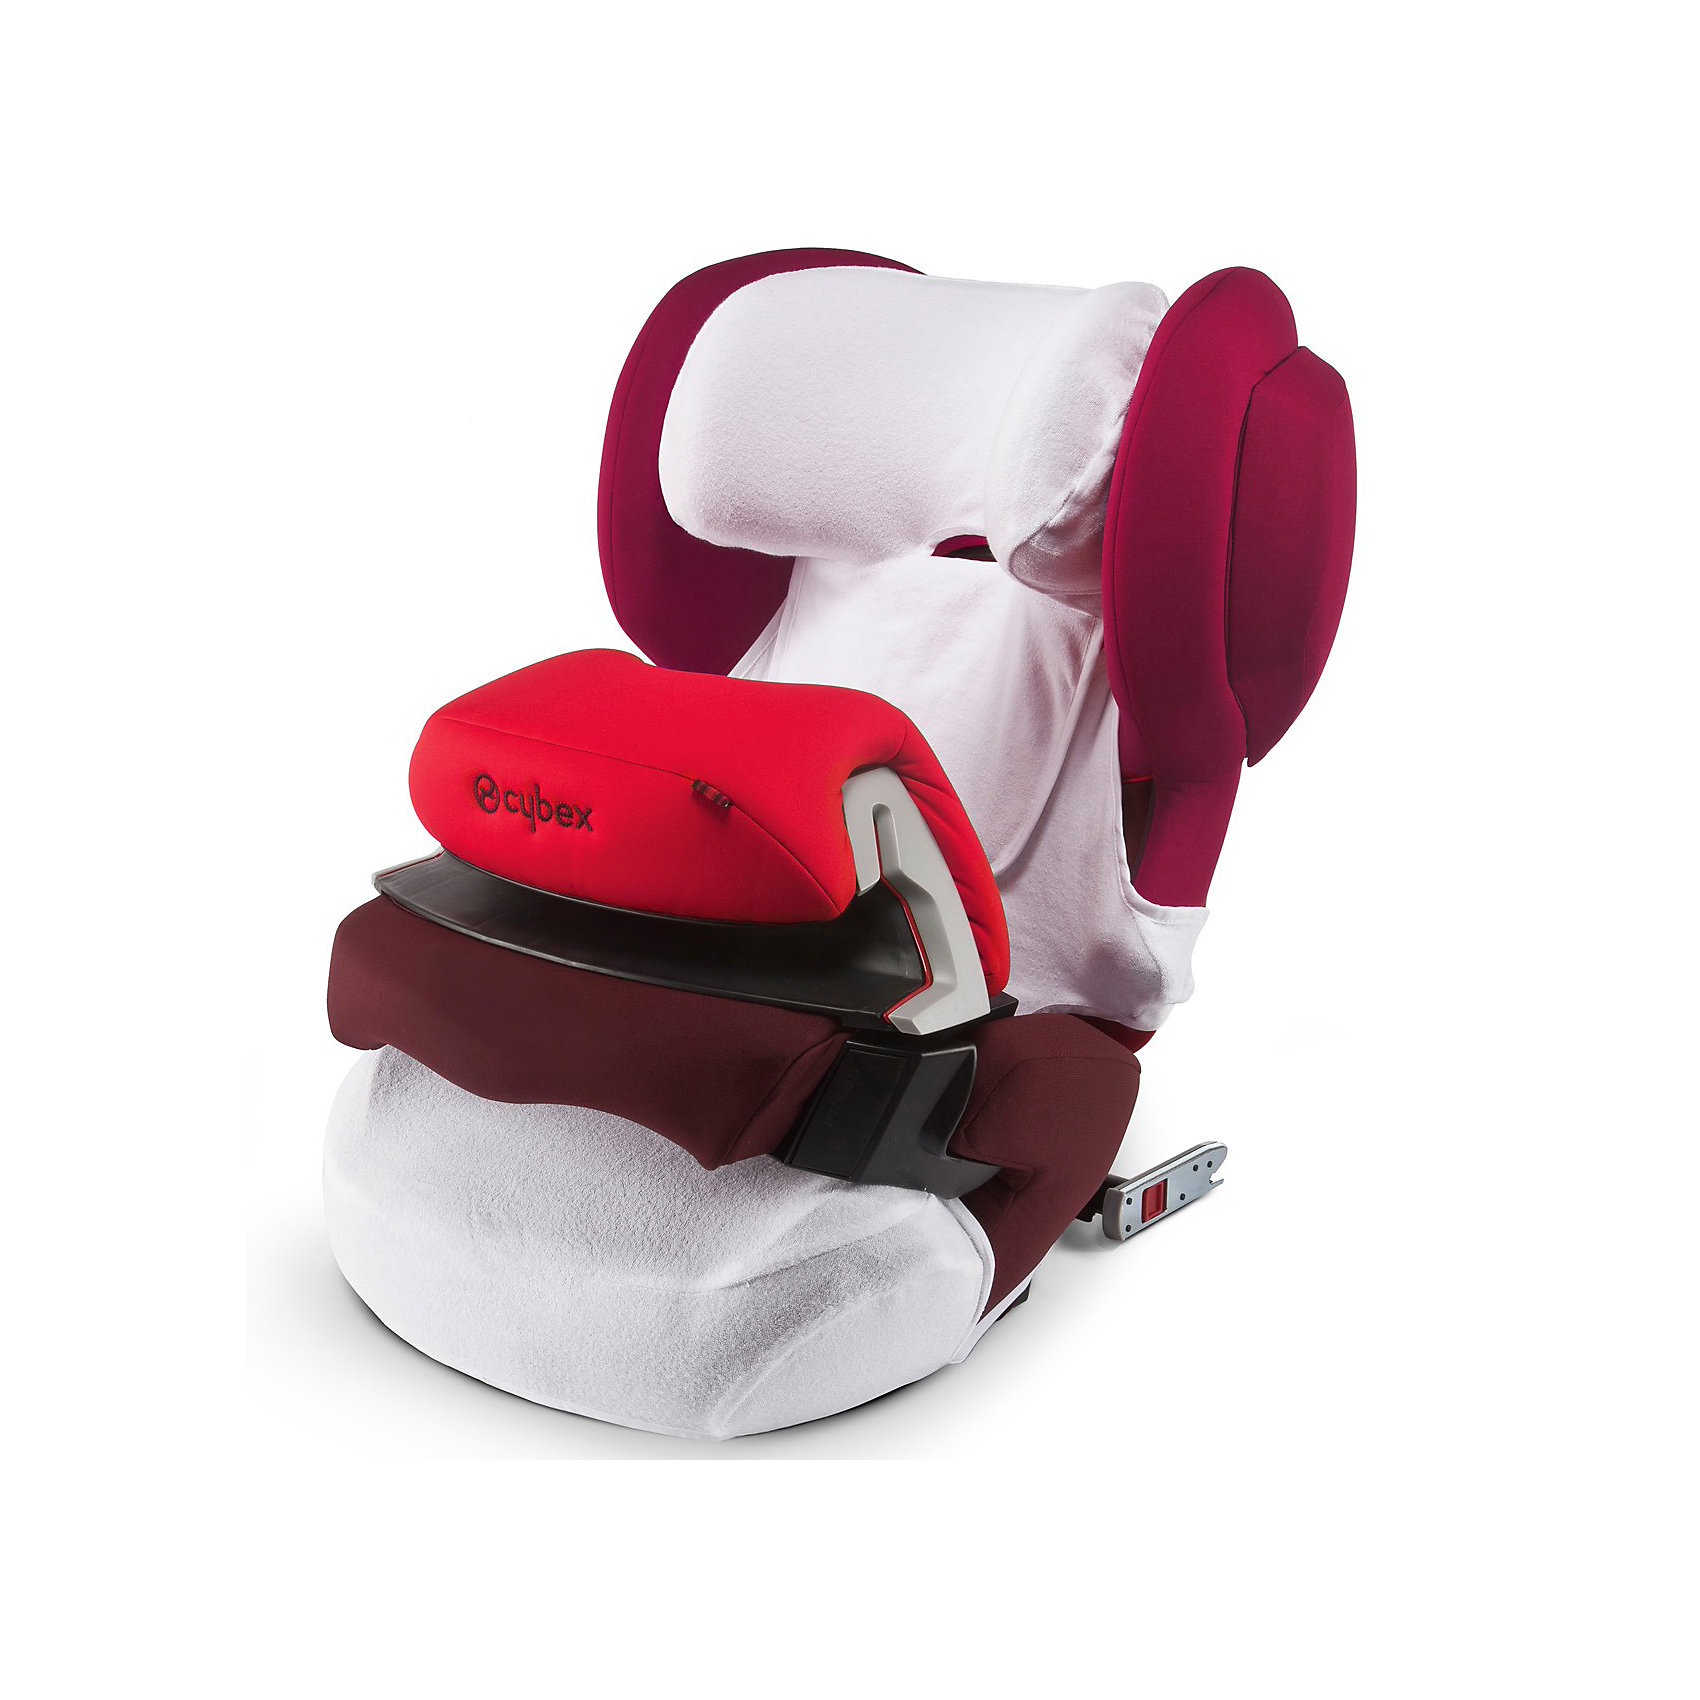 Летний чехол для Juno-Fix, CybexАксессуары<br>Даже хорошее автокресло требует определенного ухода, чтобы малыш ездил в чистоте и комфорте. Для автокресел Cybex Juno-Fix производитель создал специальный чехол.<br>Он защищает ребенка в автокресле от перегревания в жаркие дни, легко стирается, сделан из приятной на ощупь ткани, впитывает влагу,  защищает обивку кресла от загрязнения, обладает антибактериальными свойствами. Изделие произведено из качественных и безопасных для малышей материалов, оно соответствуют всем современным требованиям безопасности. Оно отлично показало себя на краш-тестах.<br> <br>Дополнительная информация:<br><br>материал: текстиль;<br>легкий;<br>поверхность пропускает воздух;<br>легко снять и выстирать;<br>подходит для автокресла Juno-Fix и модификаций.<br><br>Летний чехол для Juno-Fix от компании Cybex можно купить в нашем магазине.<br><br>Ширина мм: 213<br>Глубина мм: 215<br>Высота мм: 71<br>Вес г: 194<br>Цвет: белый<br>Возраст от месяцев: 9<br>Возраст до месяцев: 36<br>Пол: Унисекс<br>Возраст: Детский<br>SKU: 3779381